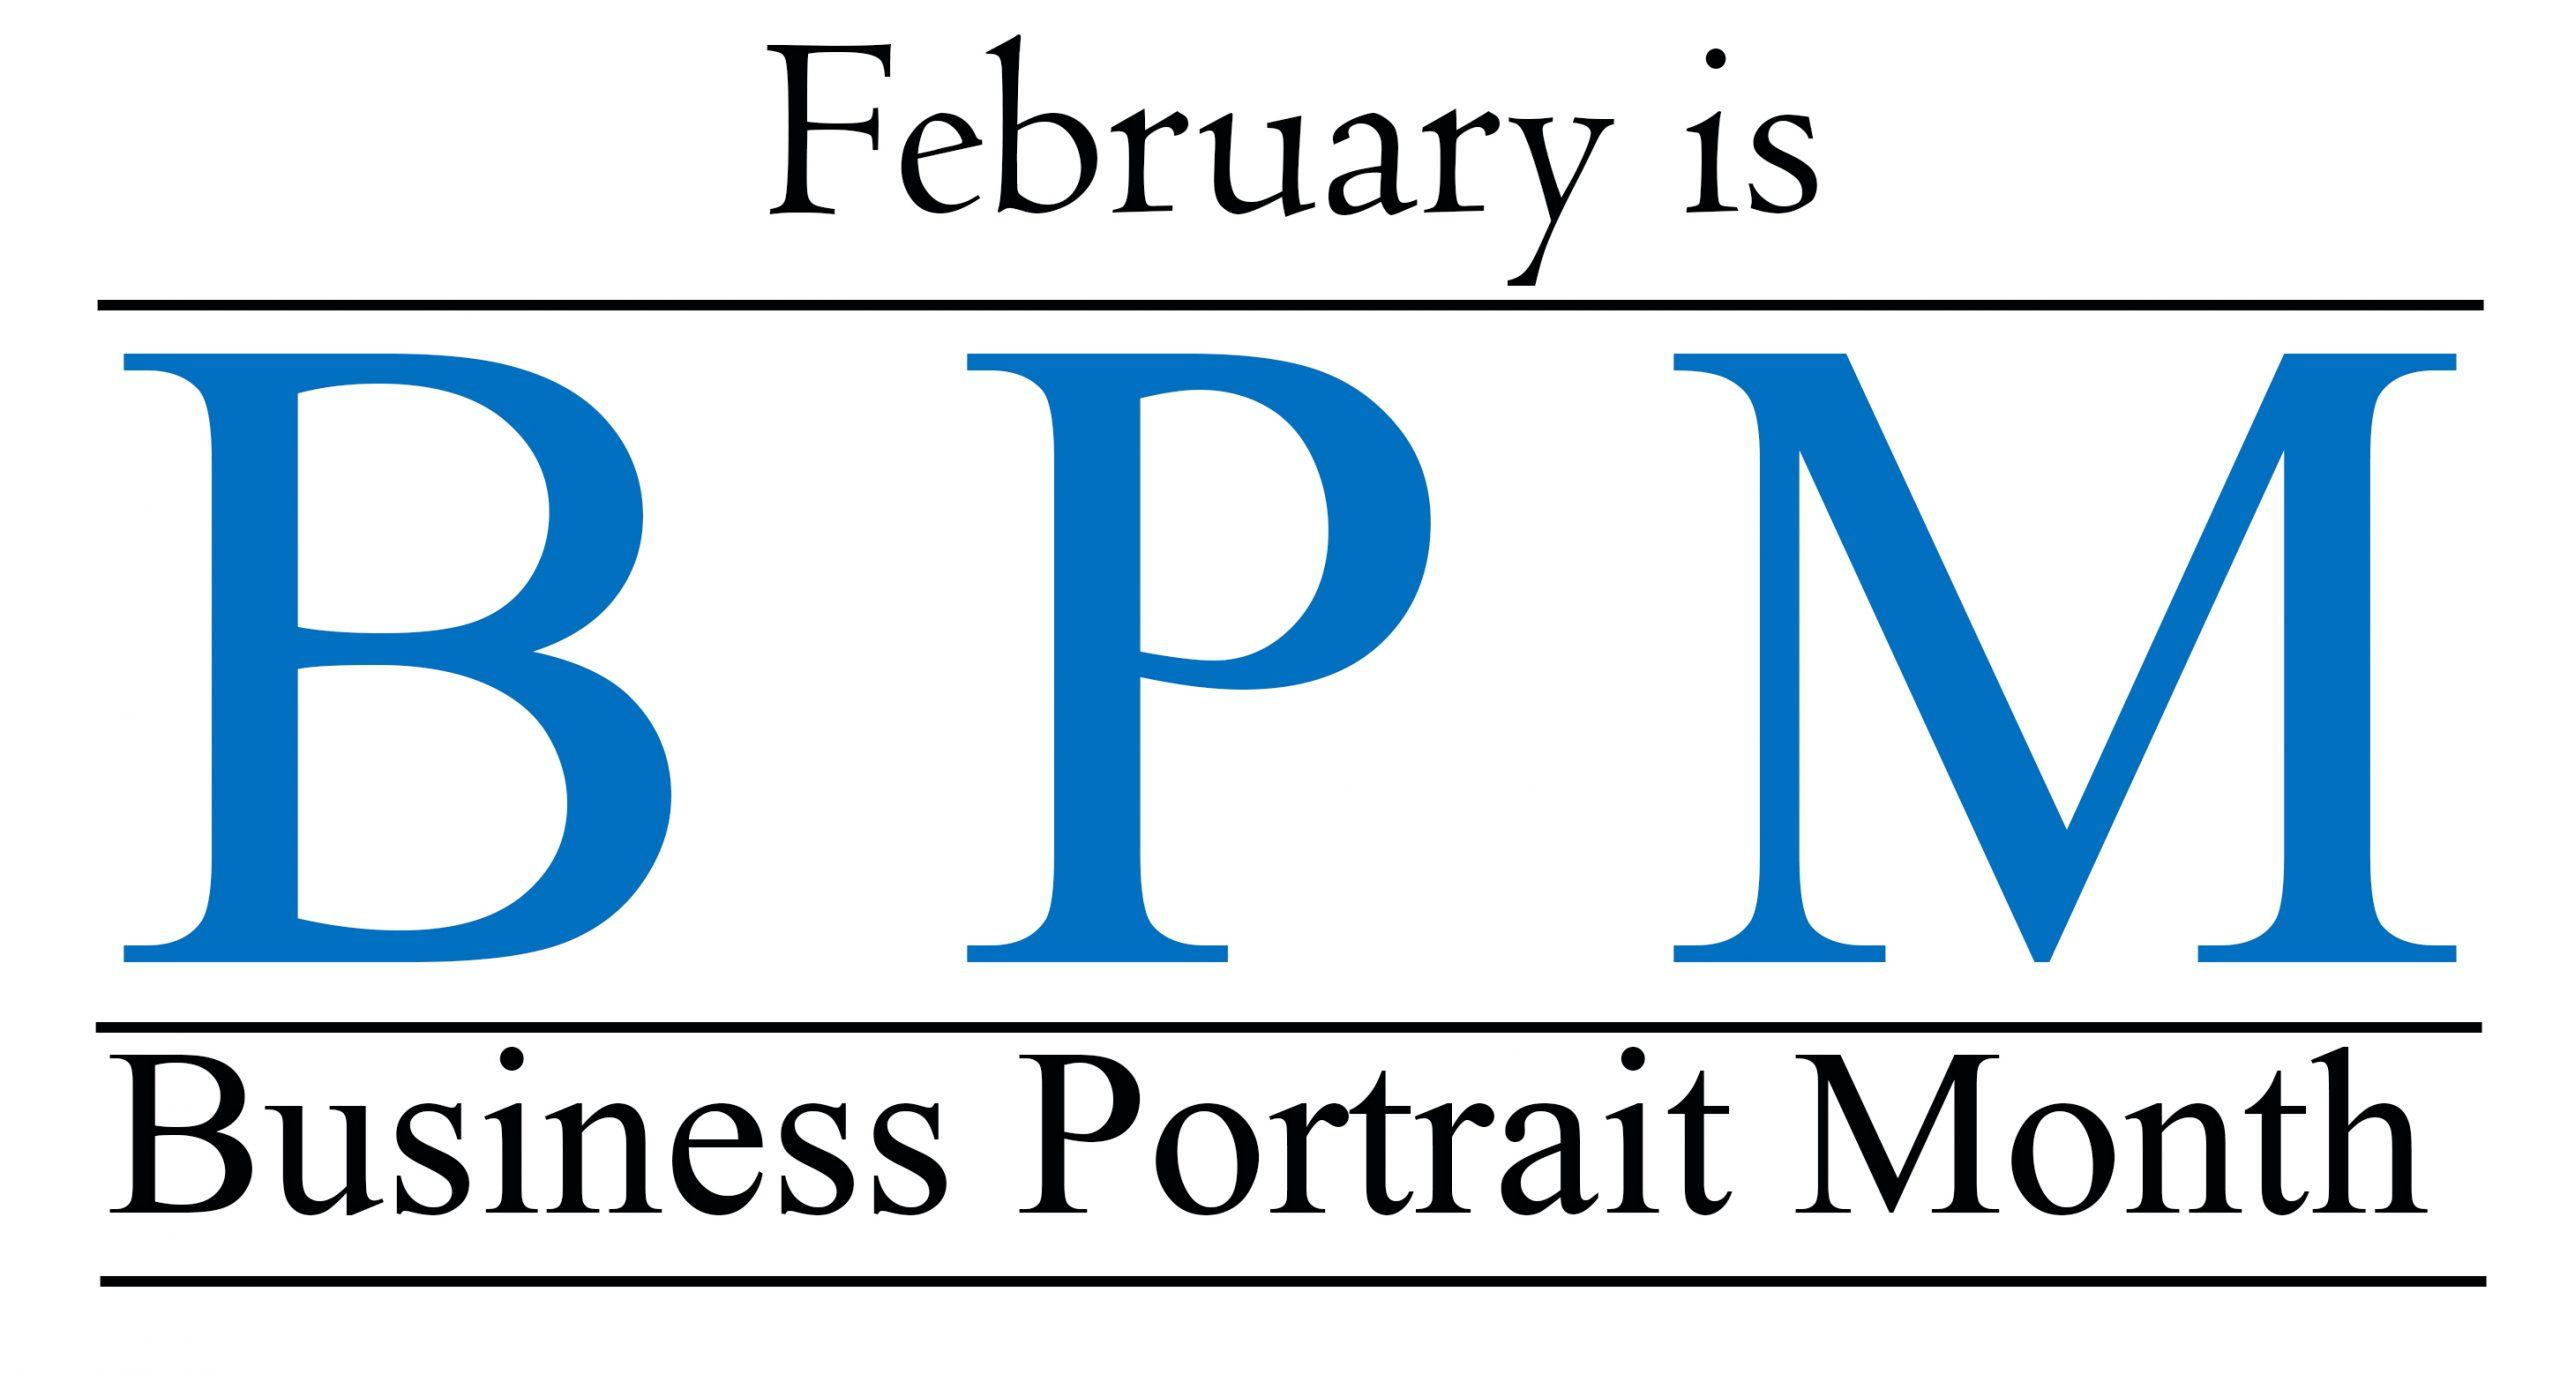 Business Portrait Month